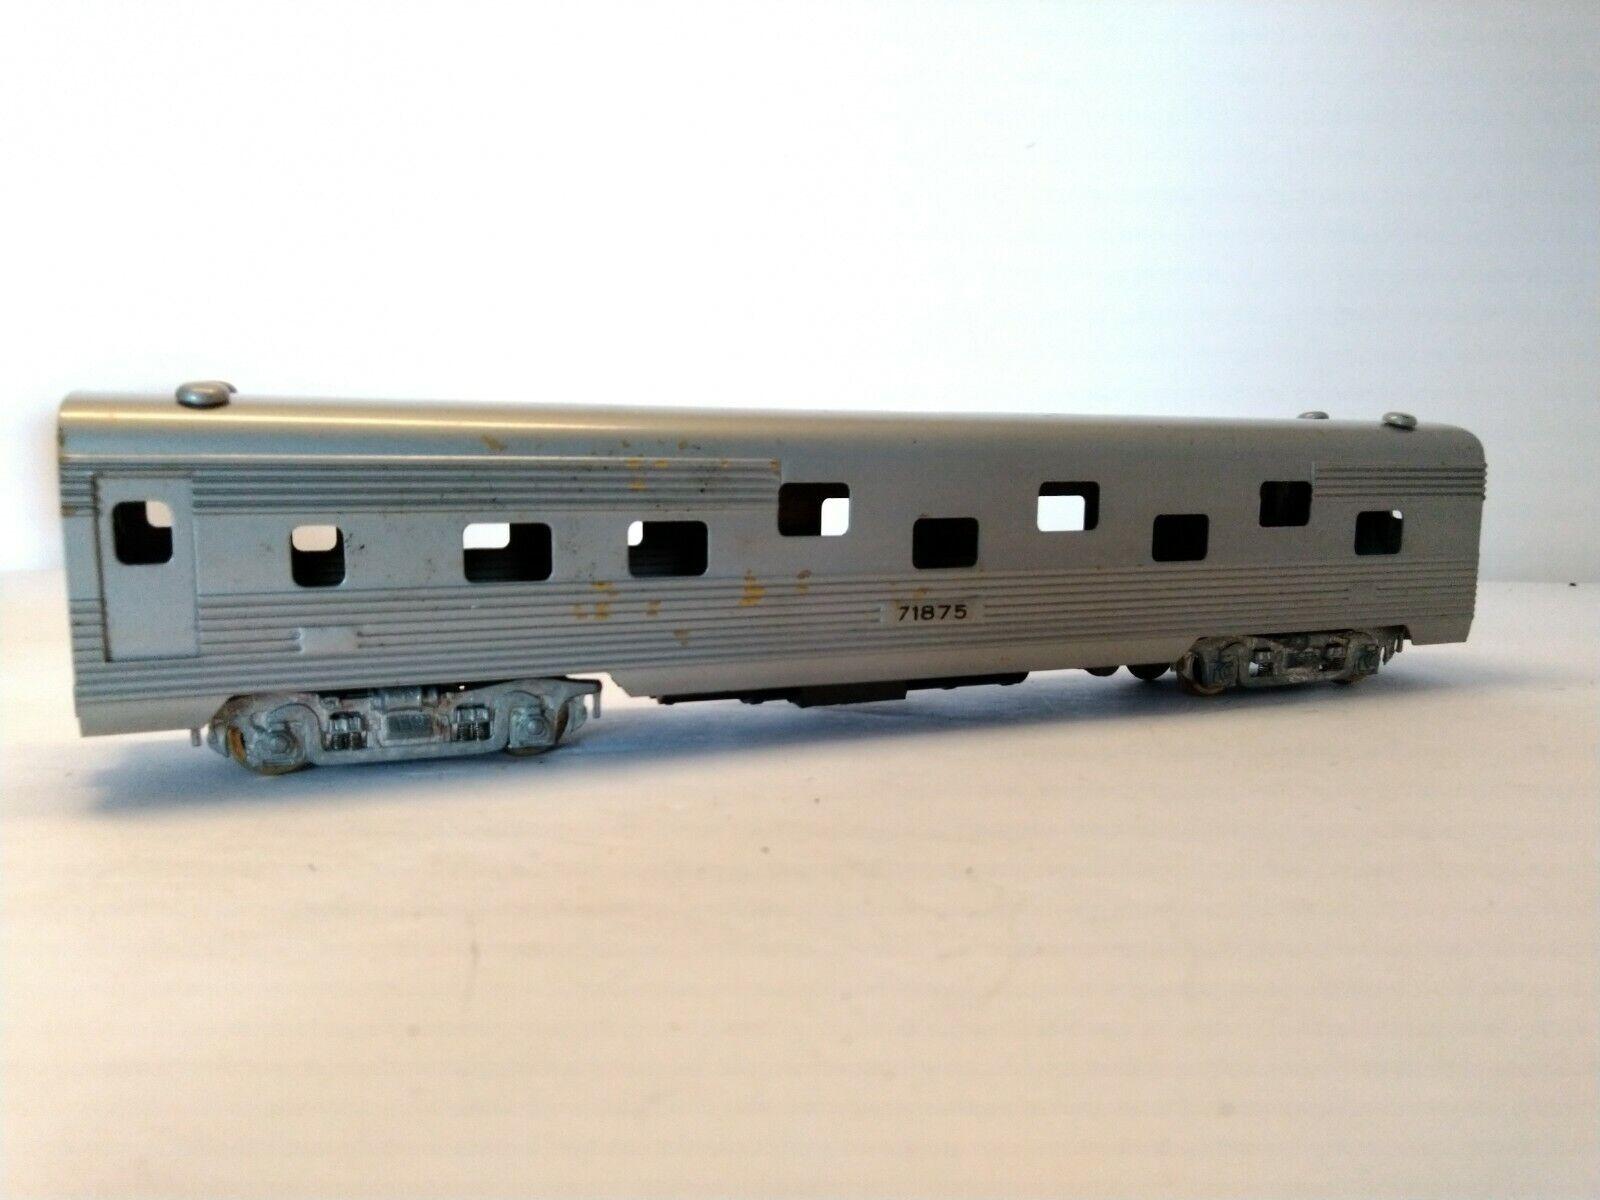 Tenshodo Streamlined Passenger Car  71875